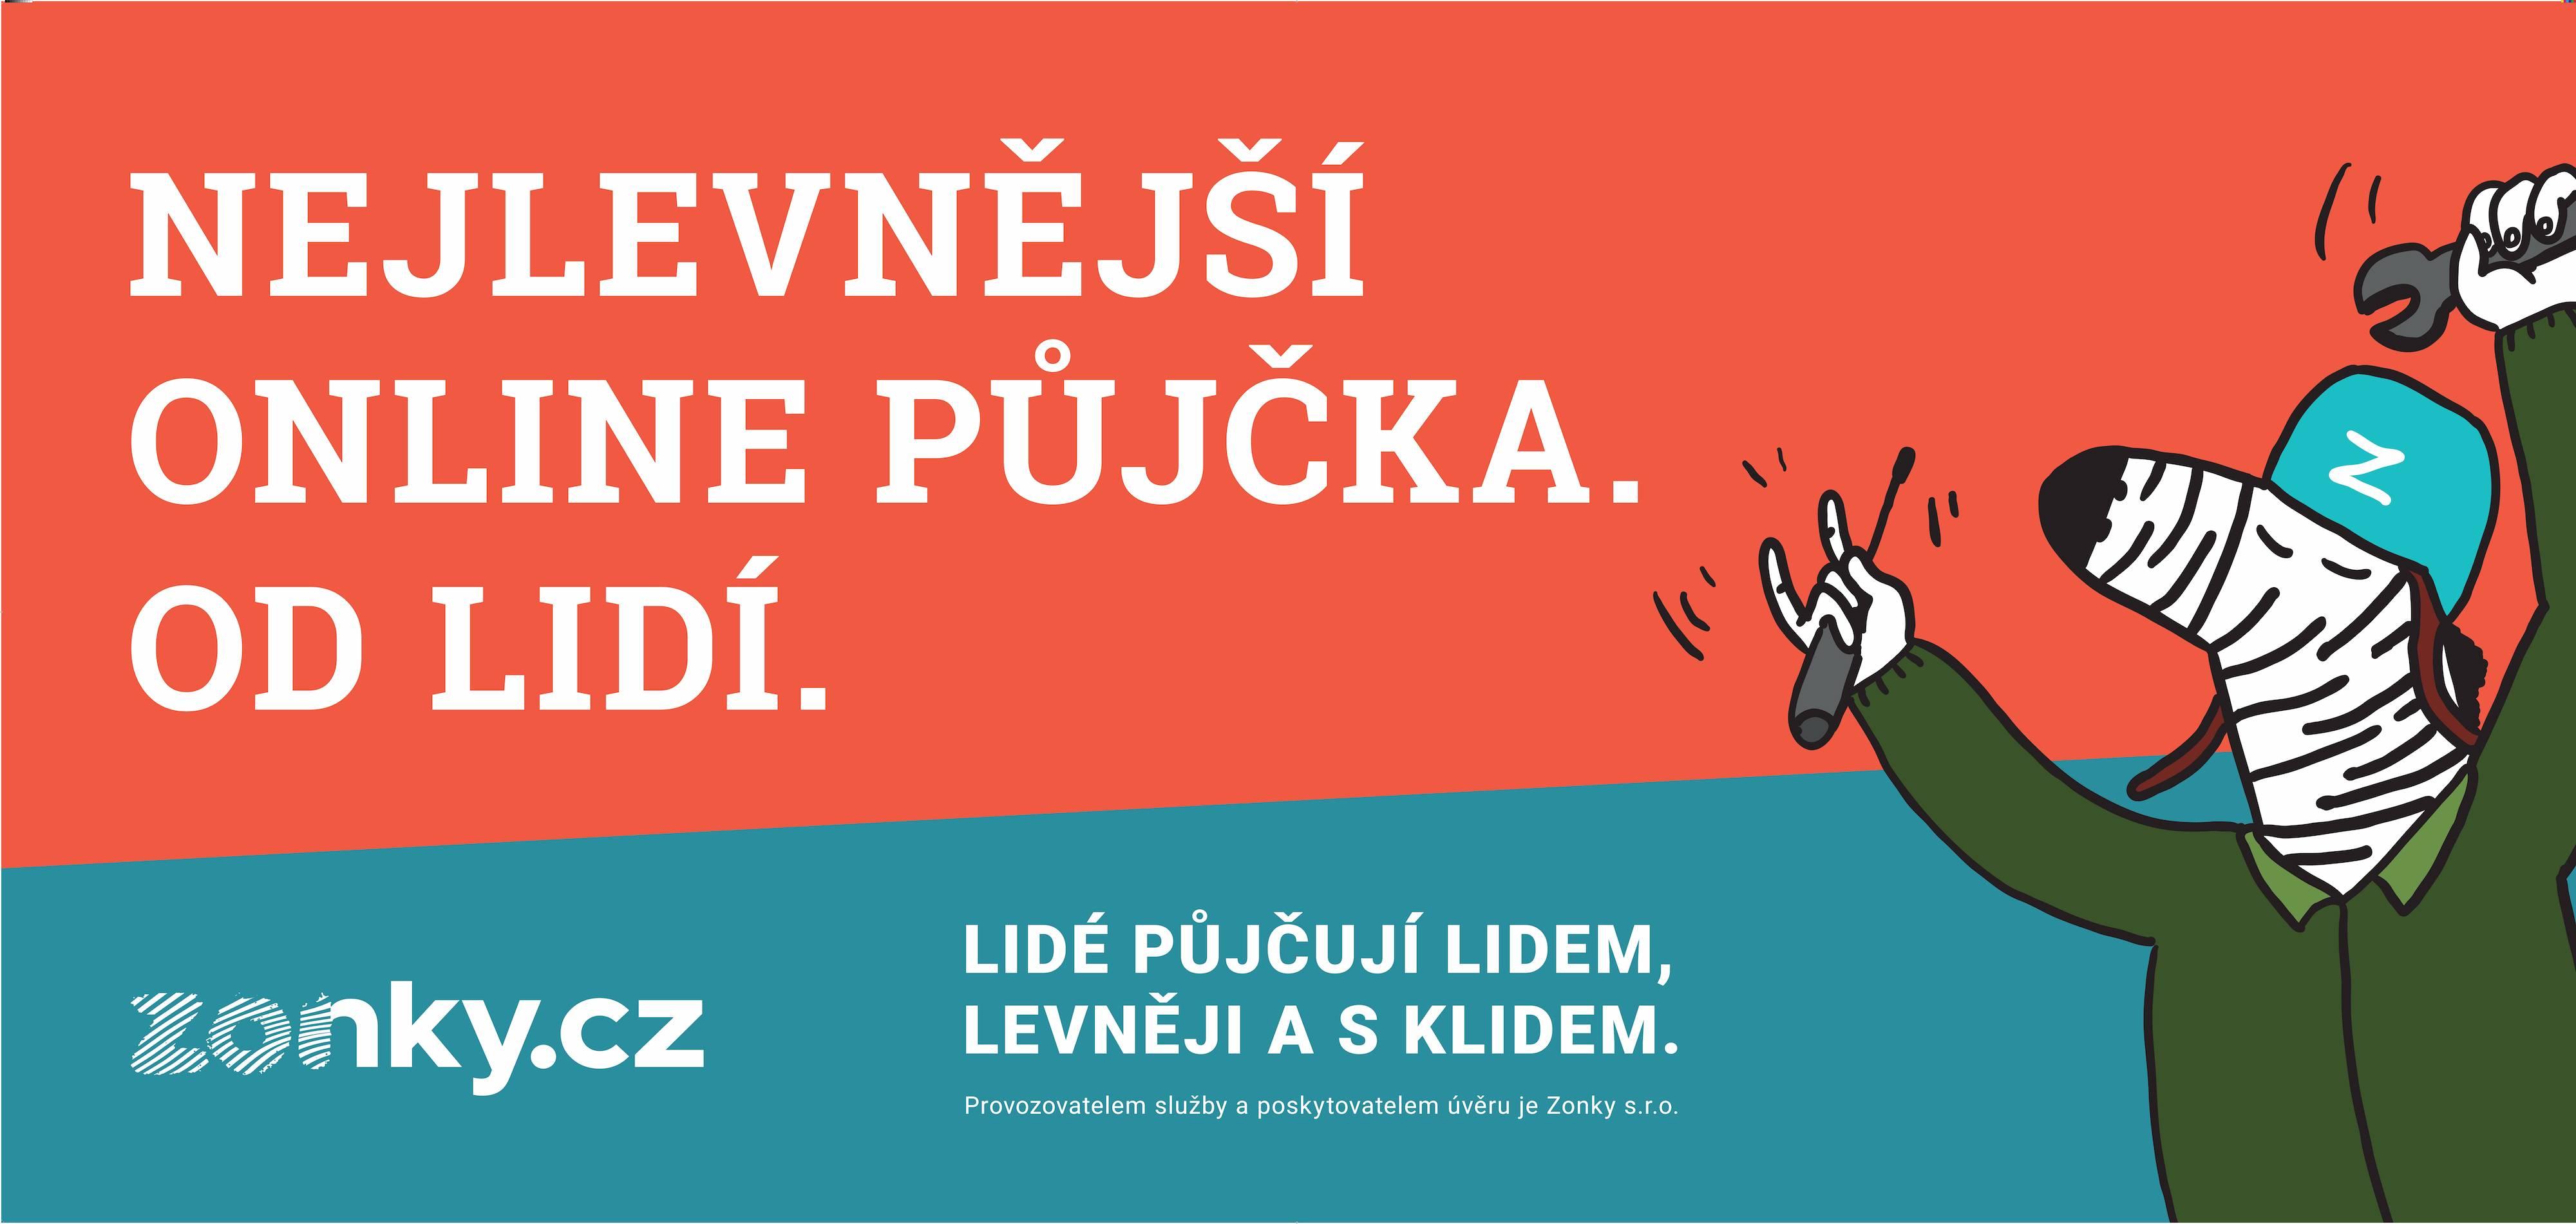 Nejlepší půjčky online cz photo 9